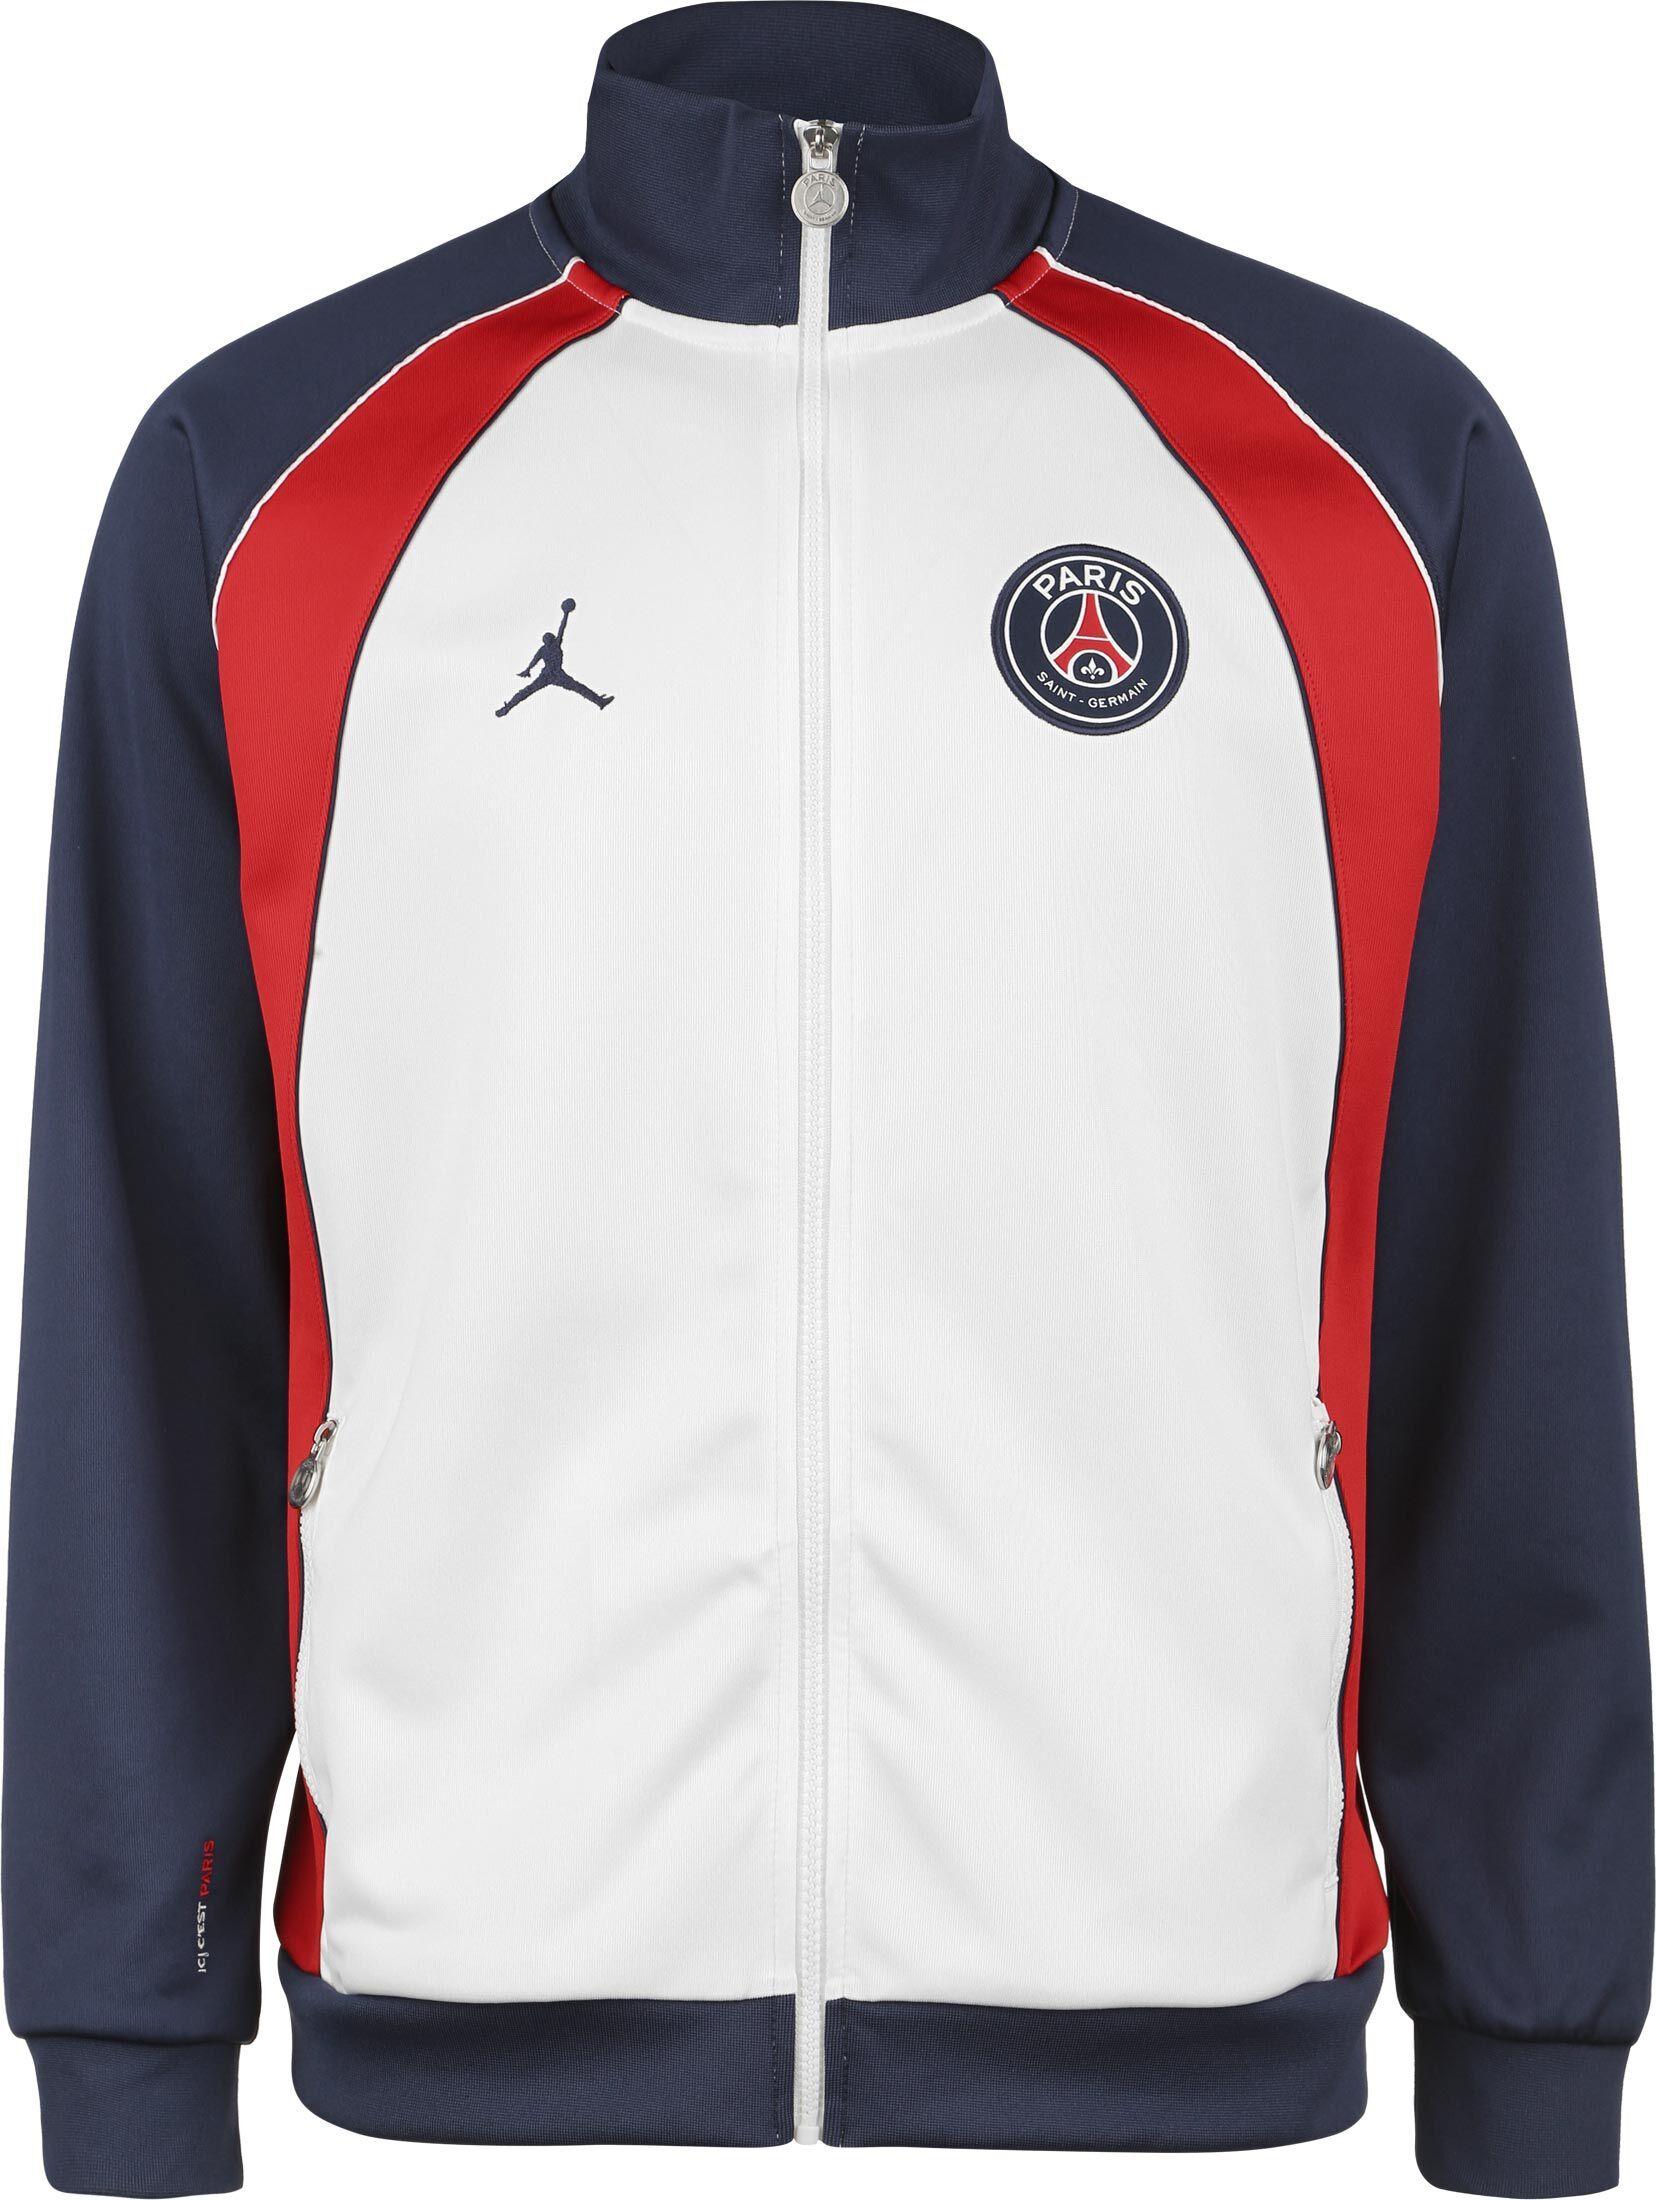 Jordan Paris Saint-Germain, taille L, homme, blanc bleu rouge